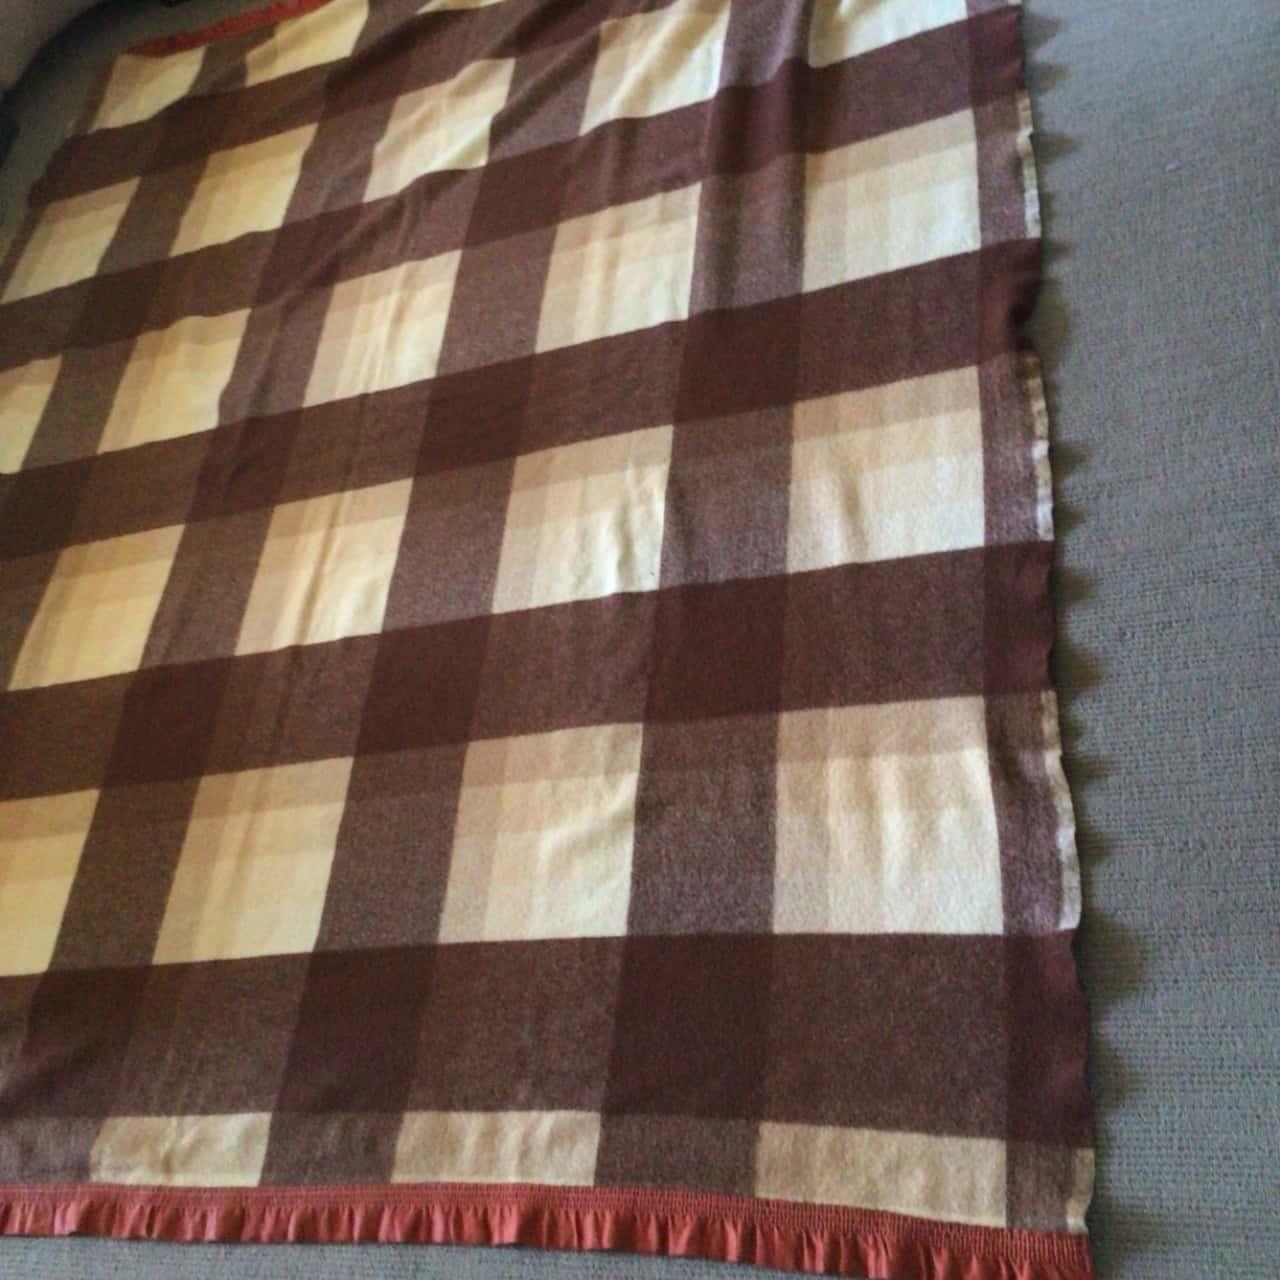 Unbranded Vintage Pure Wool Blanket 186 cm x 220 cm